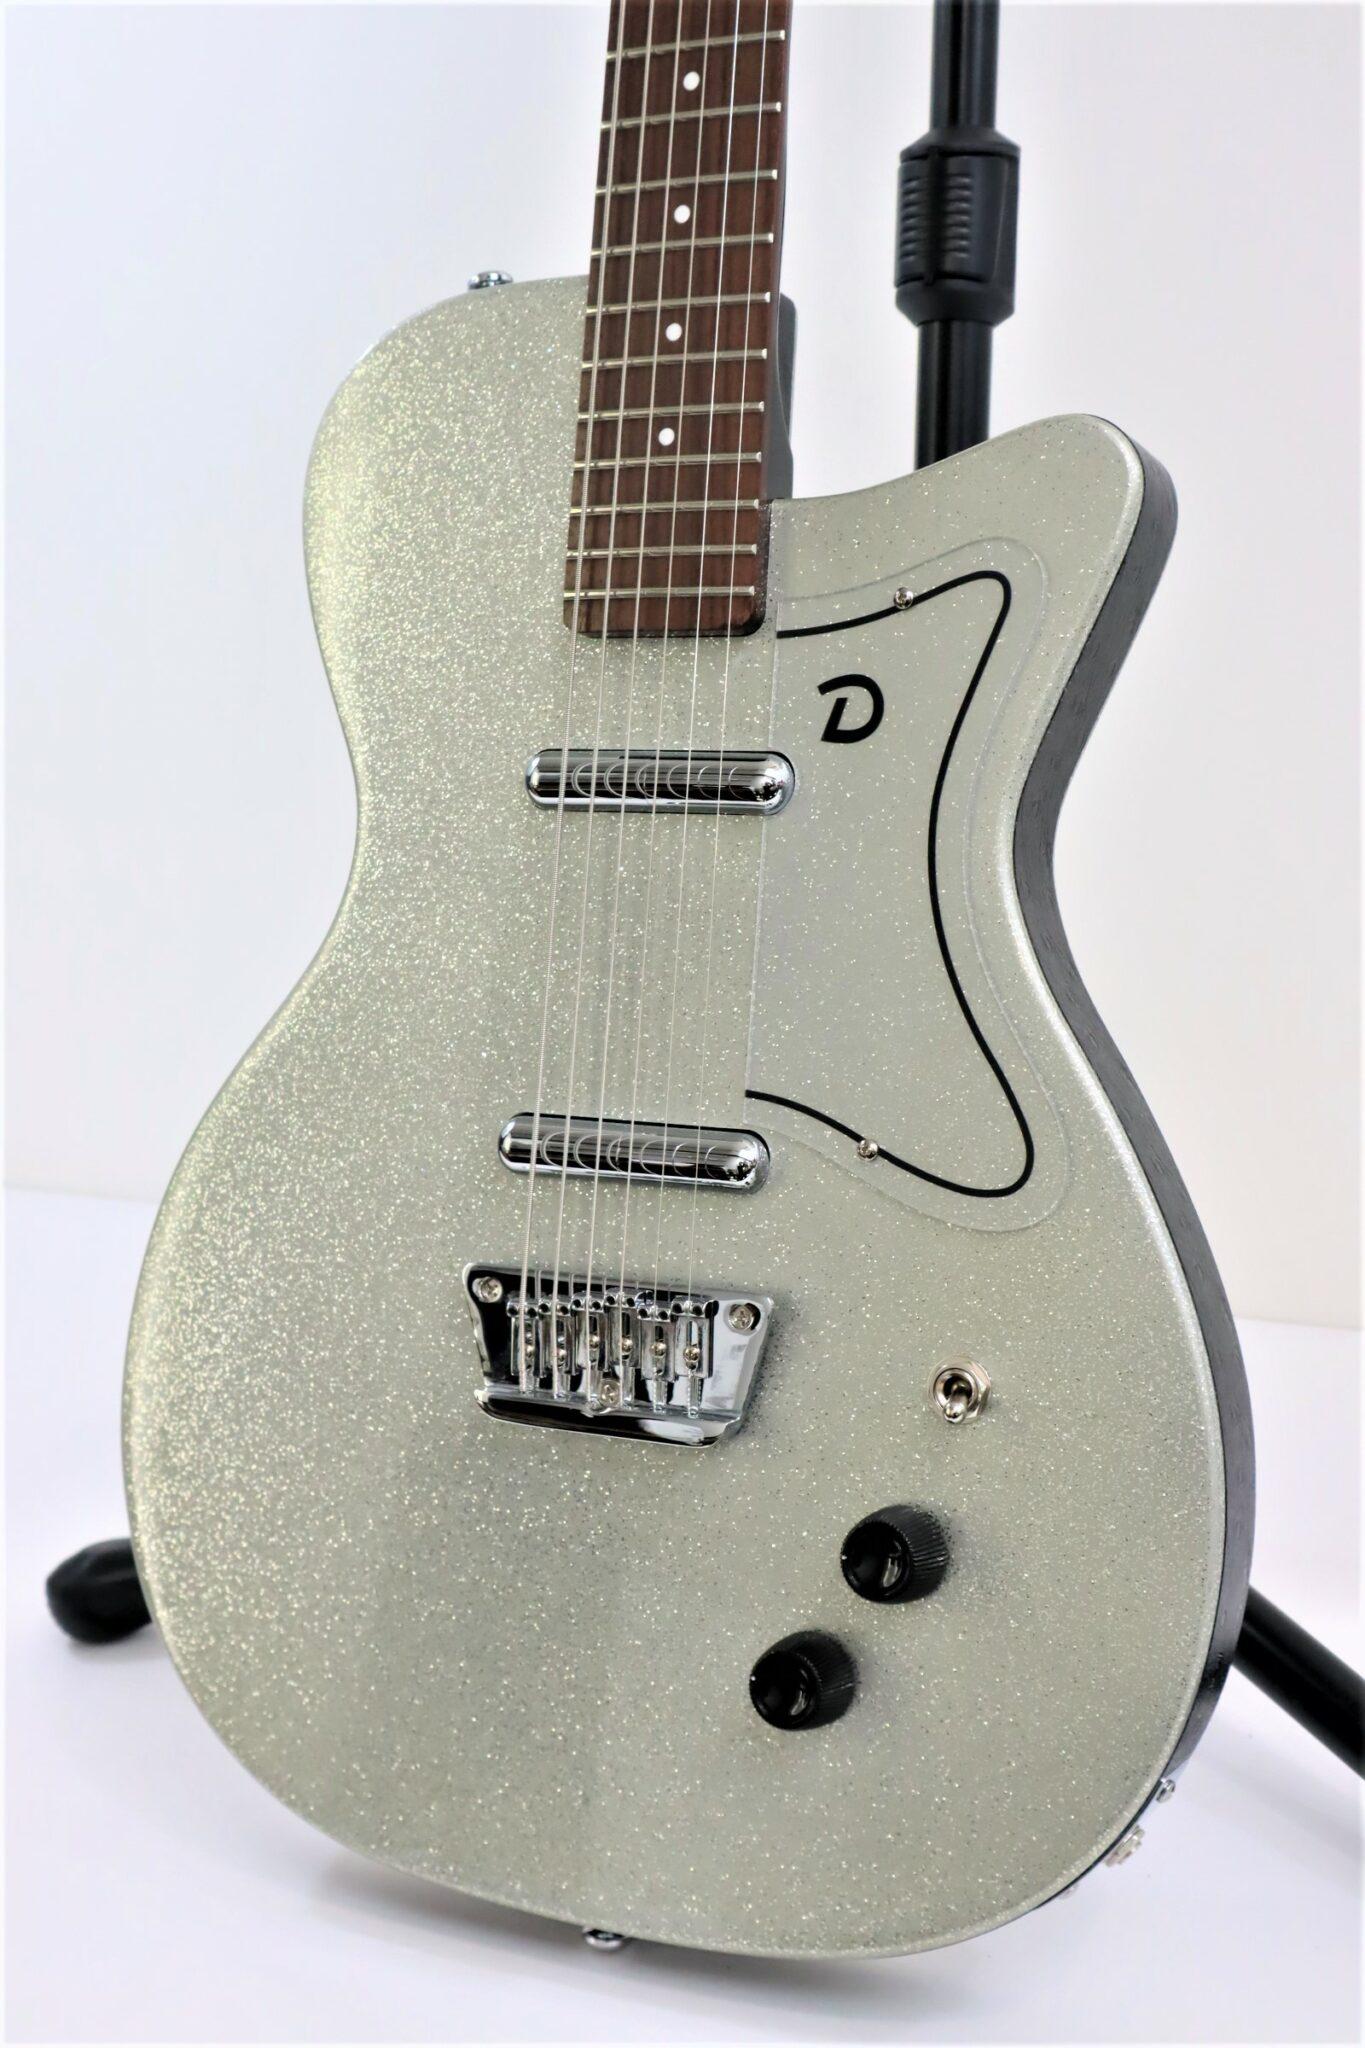 Danelectro Guitars @ Van de Moer Instruments